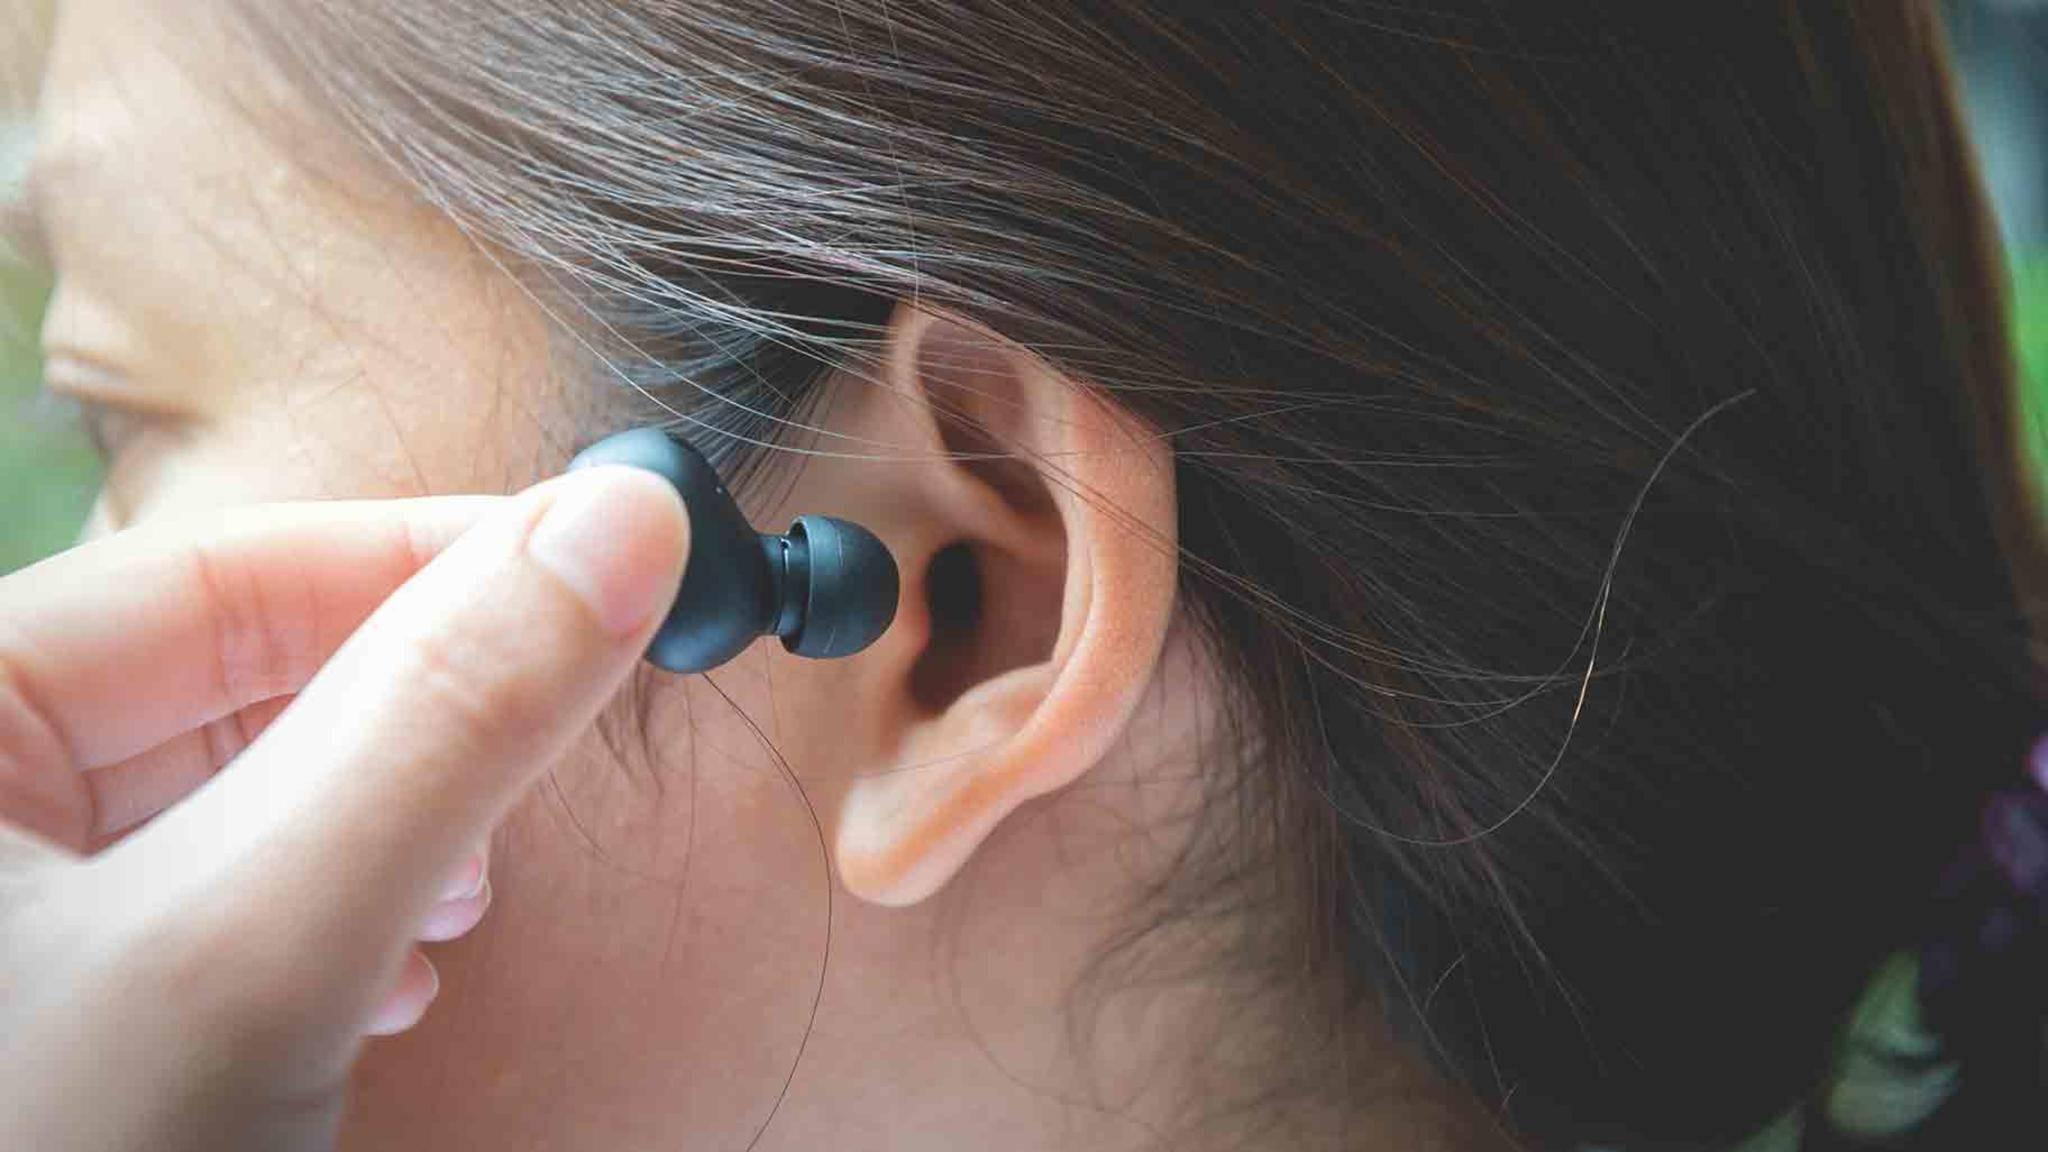 Von Zeit zu Zeit solltest Du Deine In-Ear-Kopfhörer gründlich reinigen.